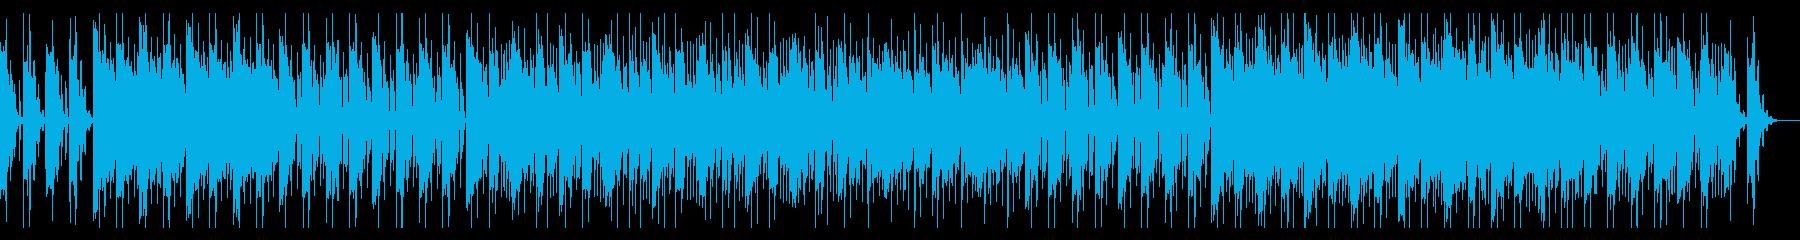 浮遊感・メロディアスなエレクトロニカの再生済みの波形